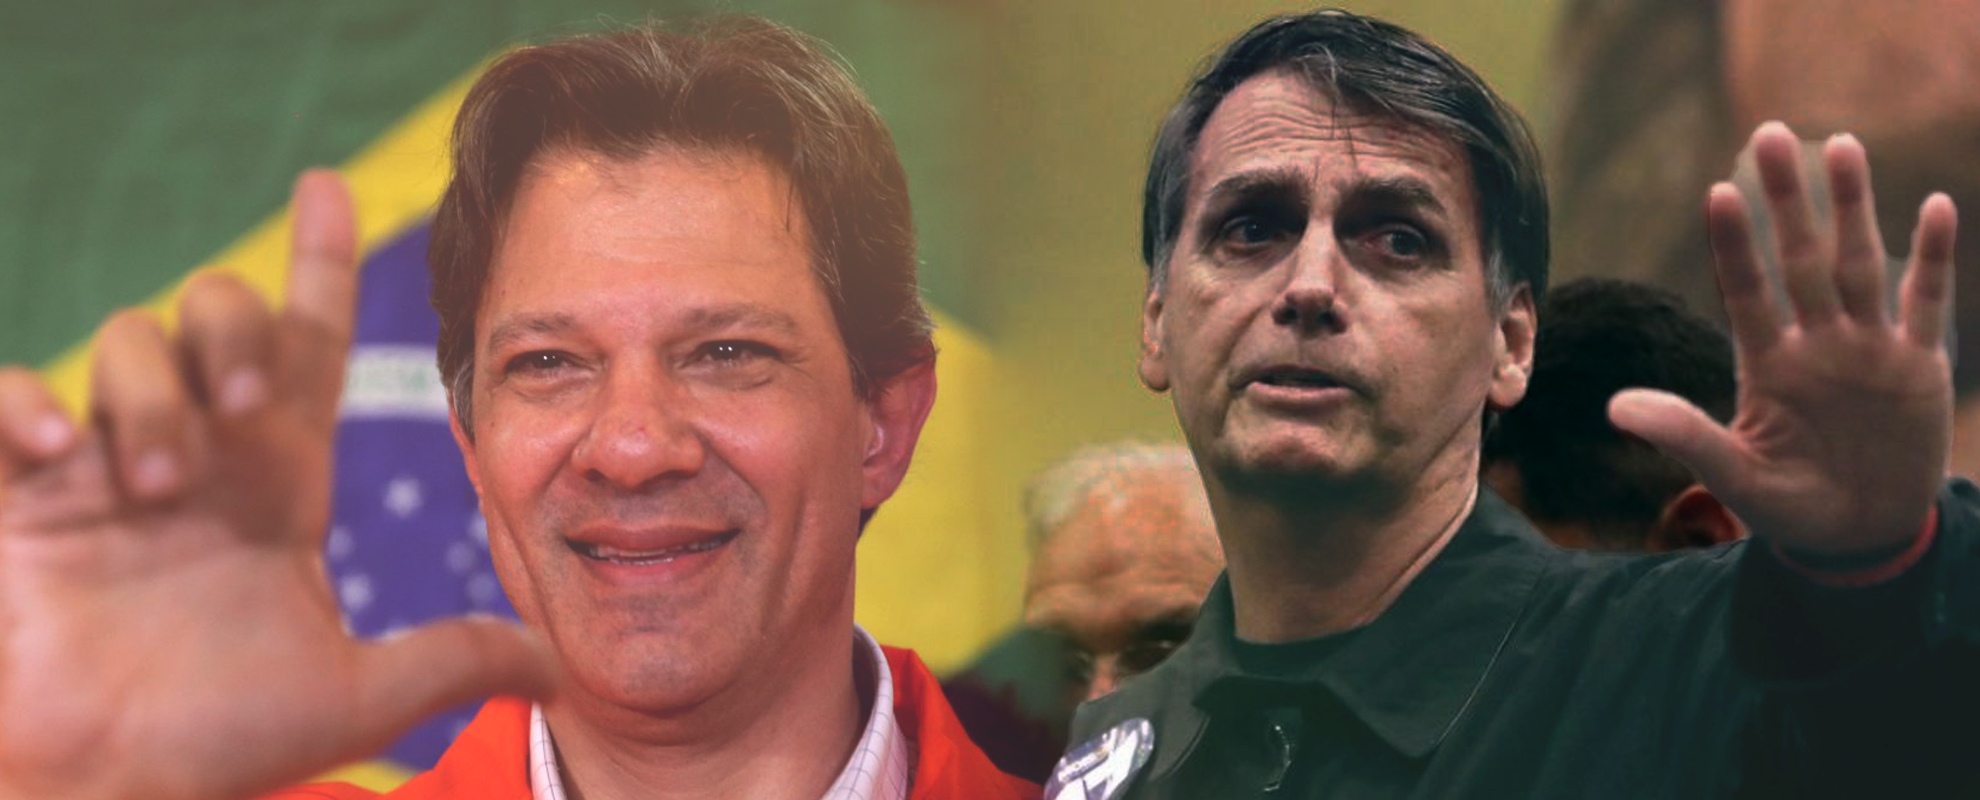 Este domingo el continente define su destino. No es una exageración. La llegada de Jair Bolsonaro al poder en Brasil, de concretarse como hasta ahora indican las encuestas, será el tiro de gracia a la democracia en el país vecino pero tendrá impacto en toda la región.